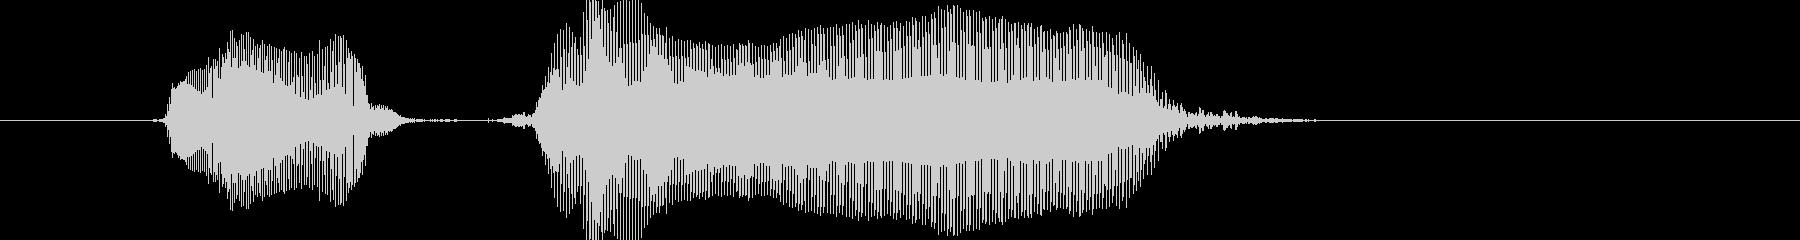 あちゃ〜's unreproduced waveform